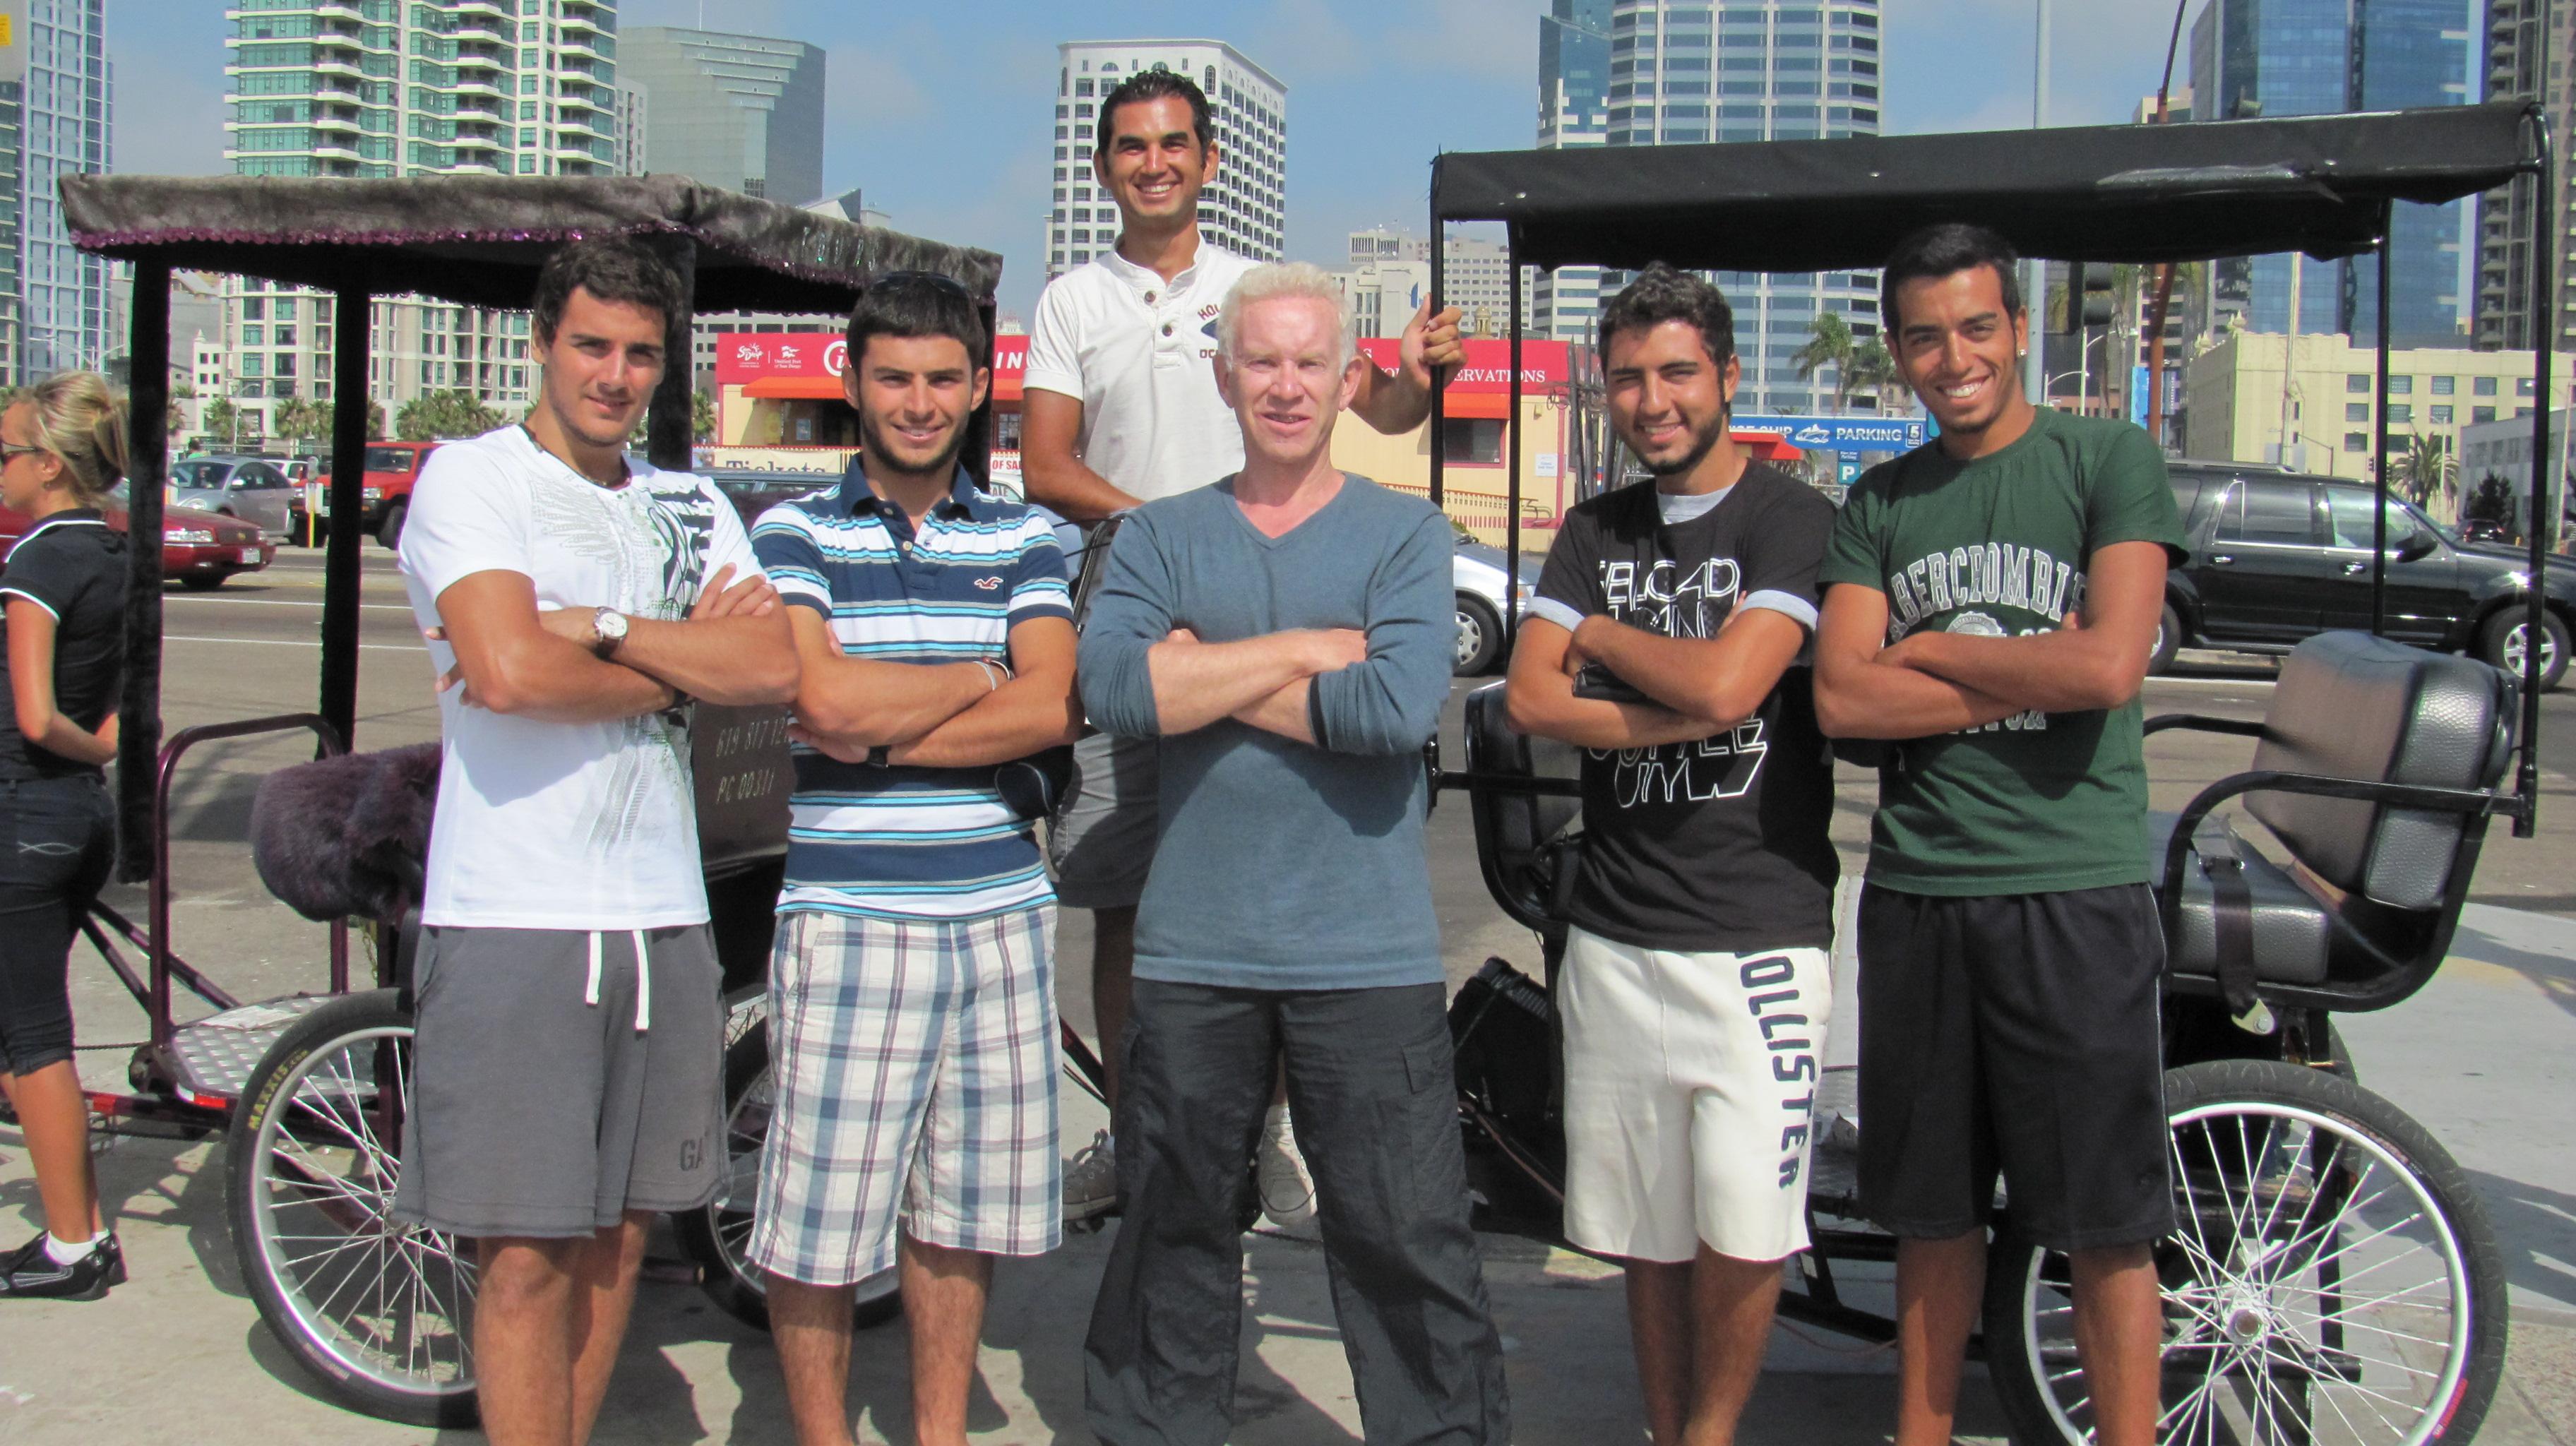 Padicap şöförü Türk arkadaşımız ve Roger'ın askerleri